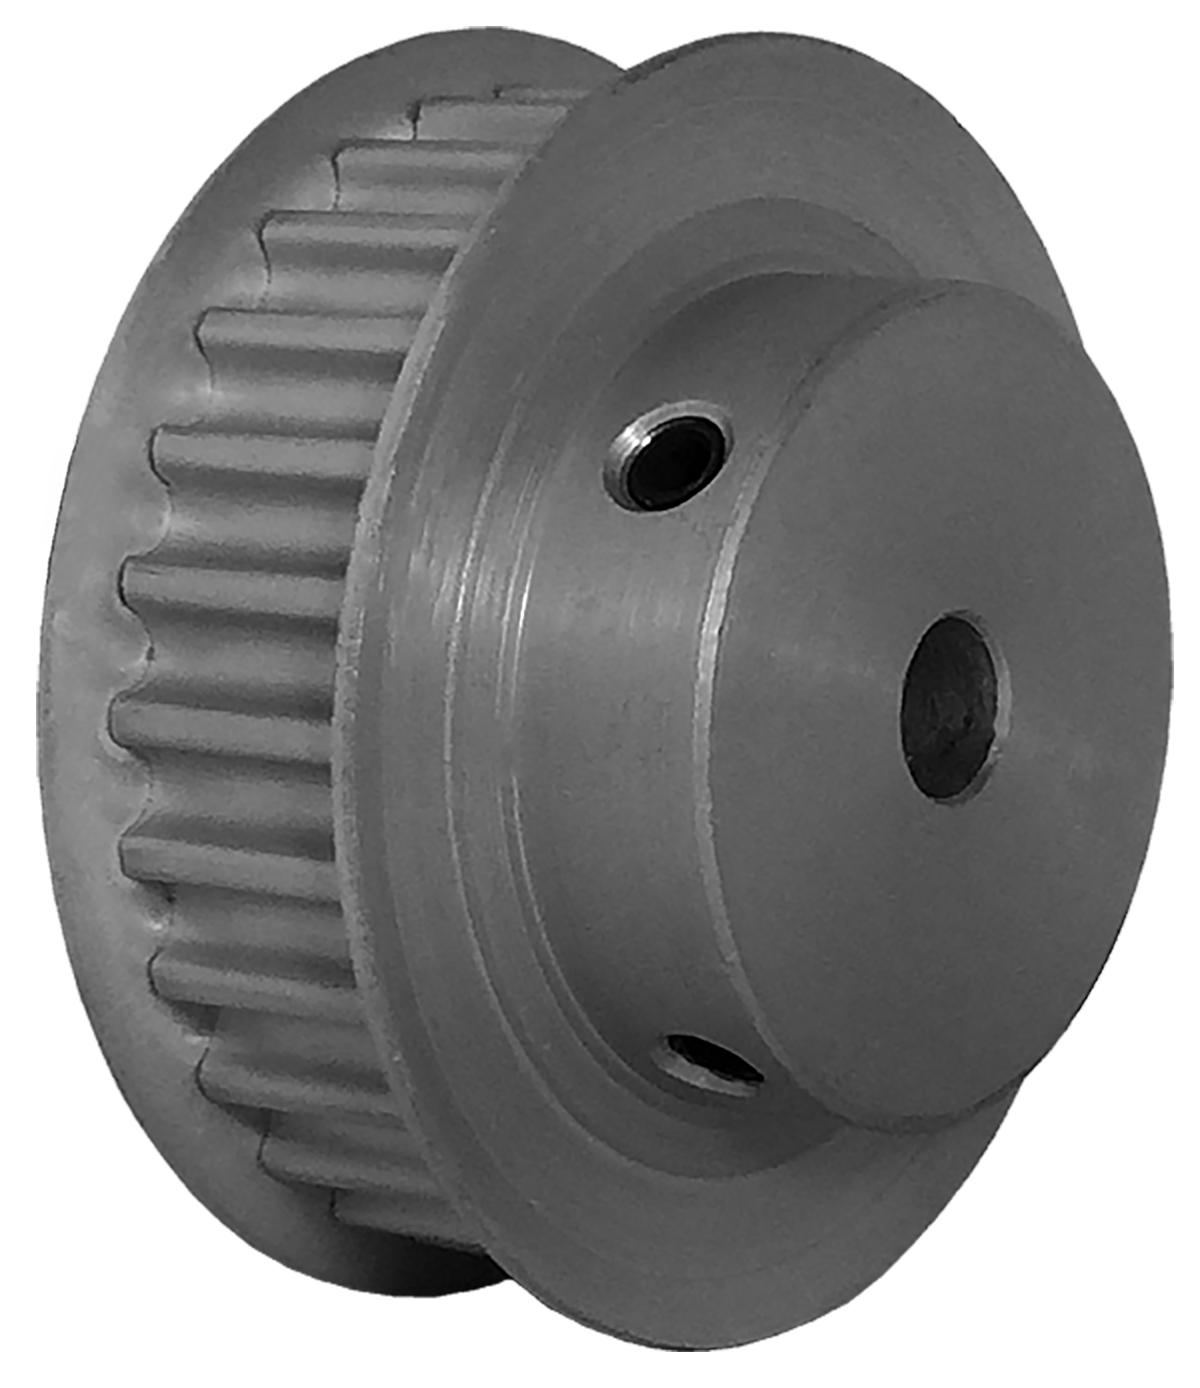 28-5P09-6FA3 - Aluminum Powerhouse® Pulleys